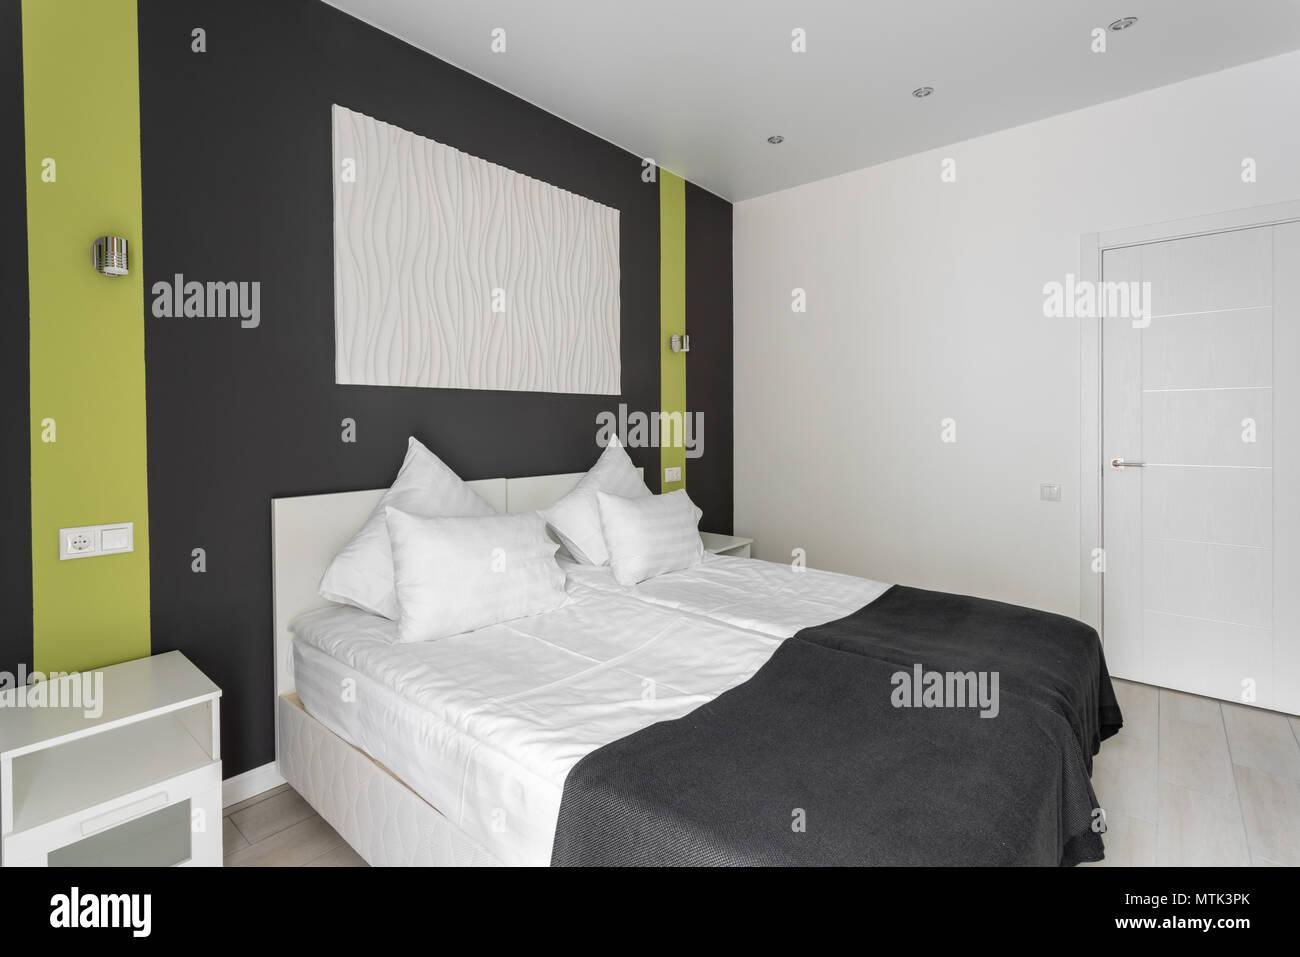 Chambre Standard De Lu0027hôtel. Chambre à Coucher Moderne Avec Des Oreillers  Blancs. Simple Et élégante.